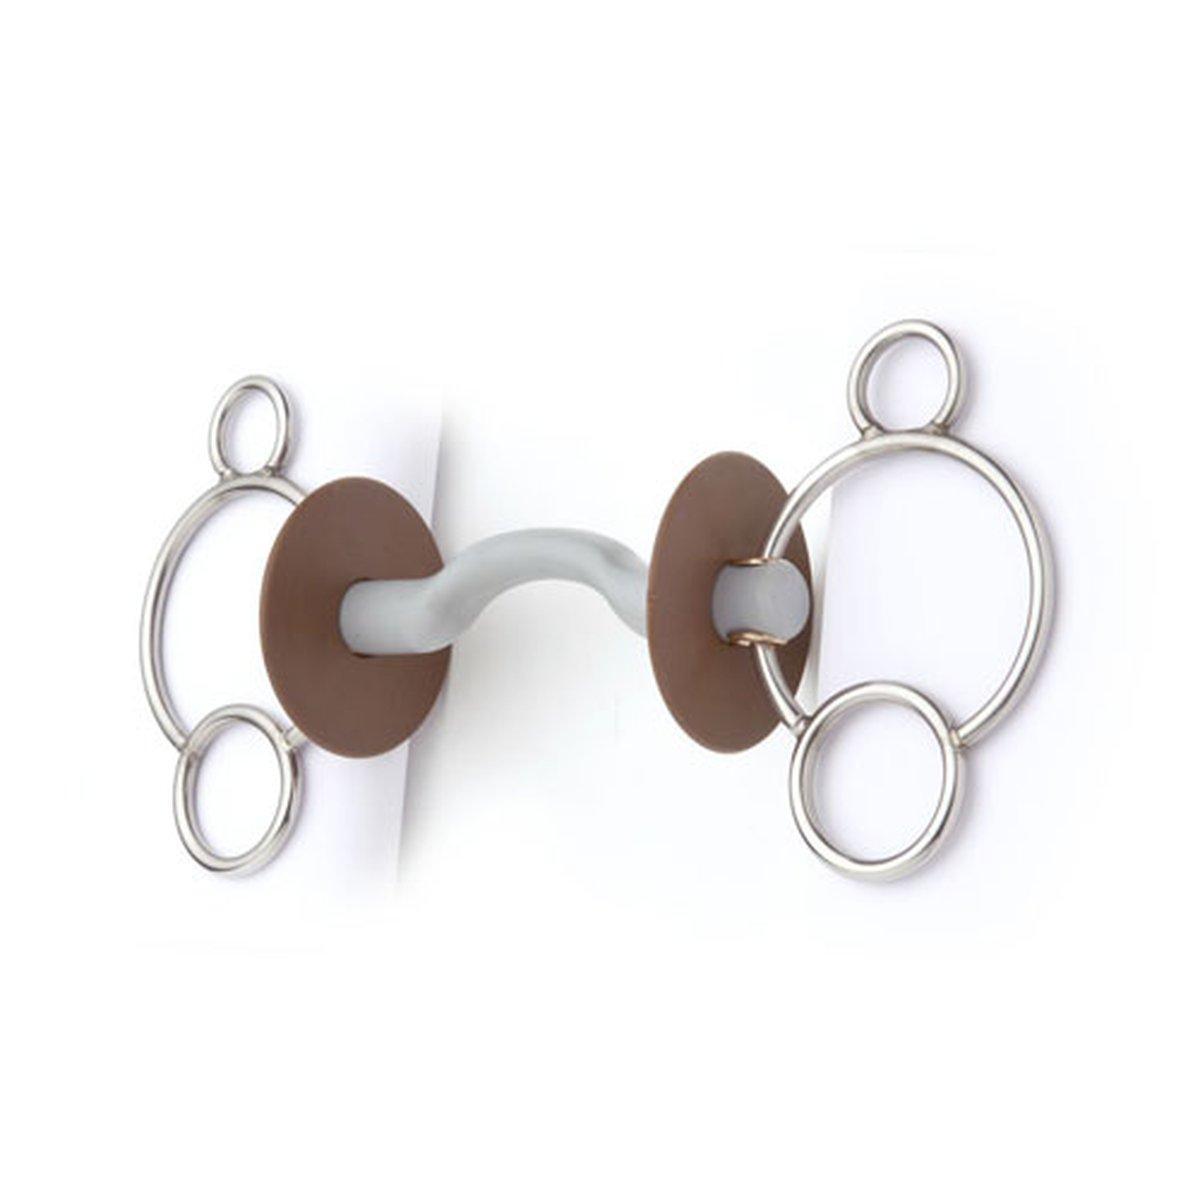 Afbeelding van Beris 3 ringenbit Stang/tongvrijheid 12cm Hard